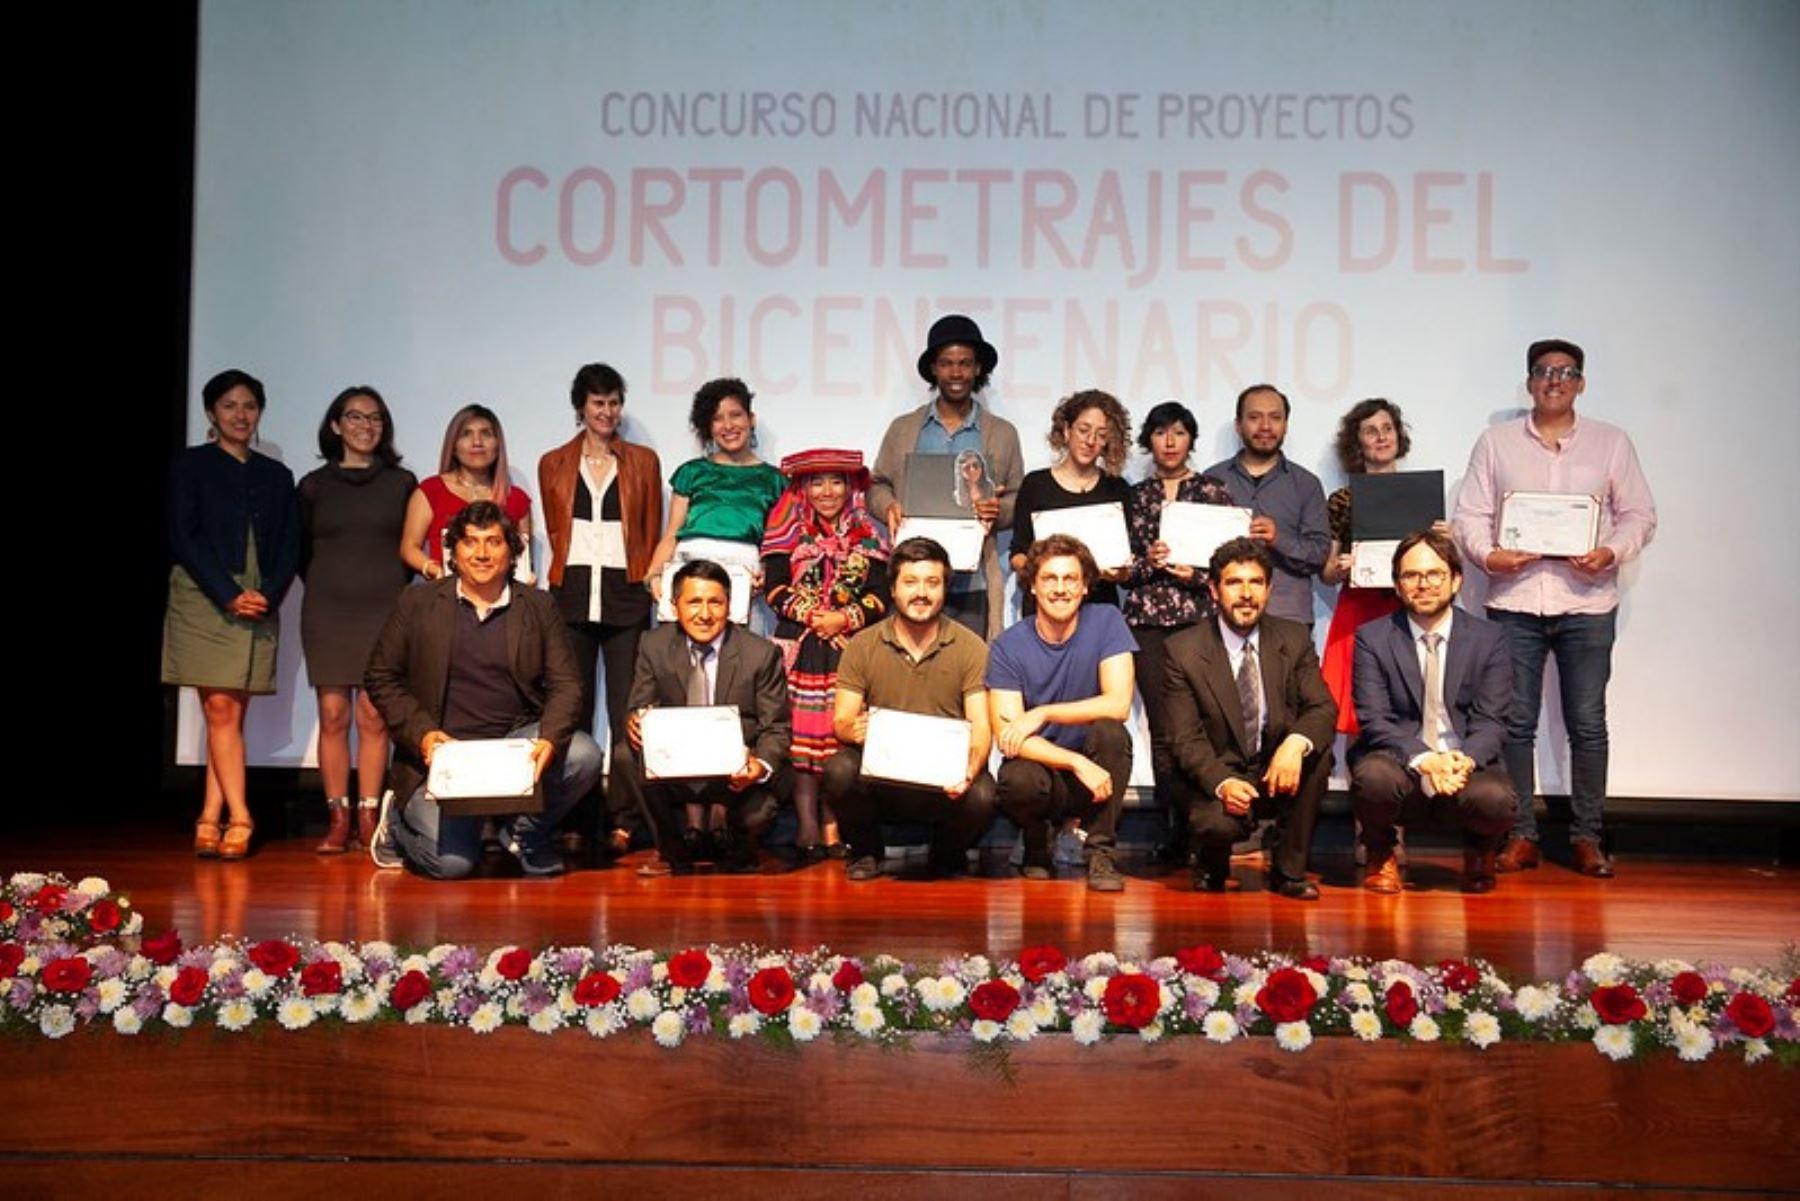 Diez jóvenes realizadores ganaron el concurso de cortometrajes que convocó el Ministerio de Cultura con ocasión de la conmemoración del Bicentenario de la Independencia del Perú.